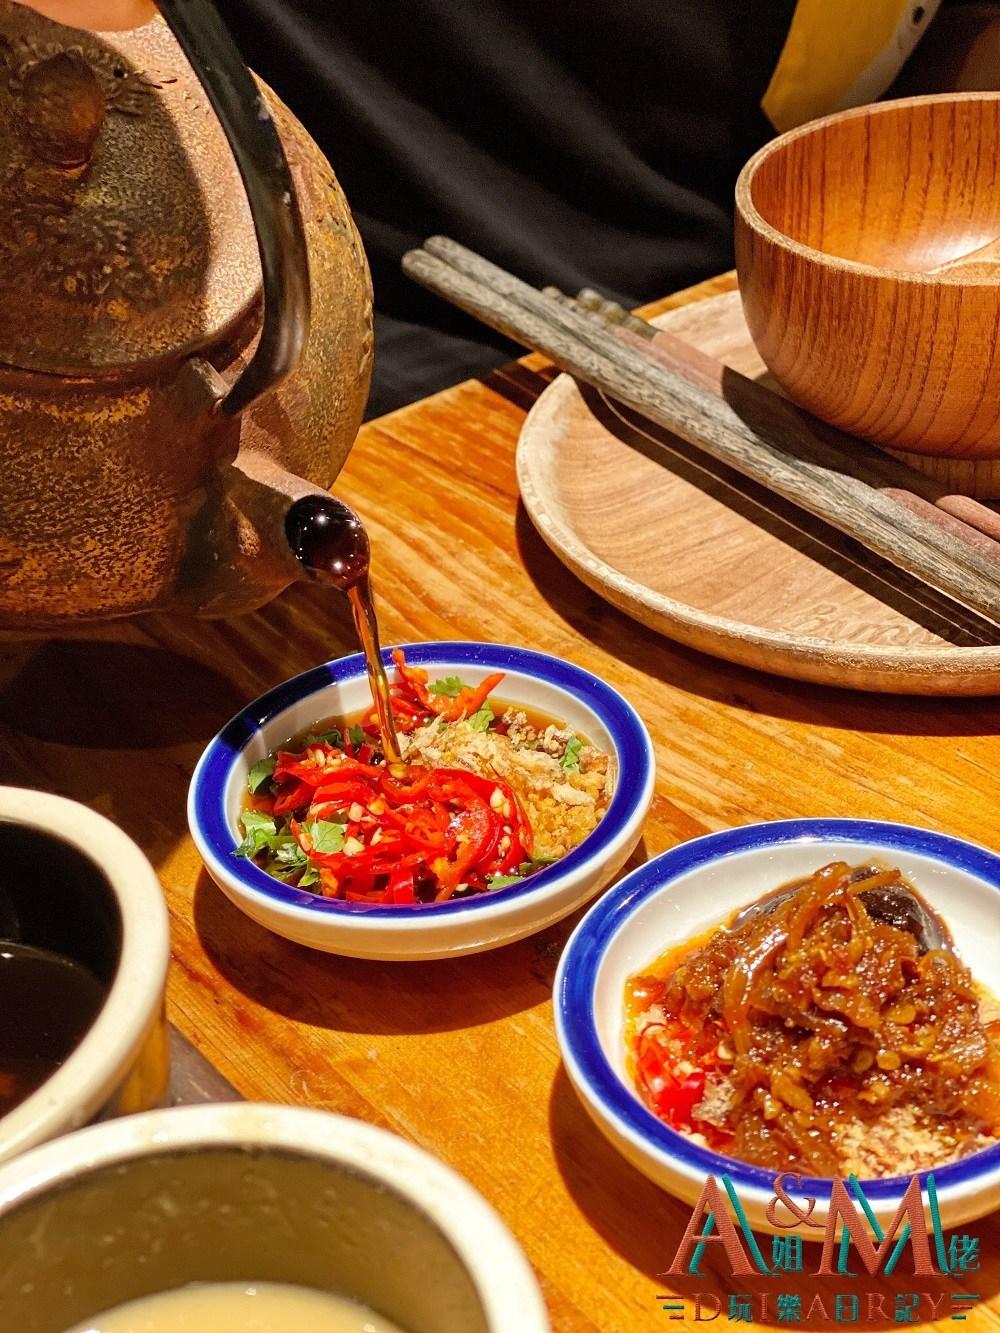 〈好食〉豪歎靚景打邊爐 銅鑼灣酒鍋